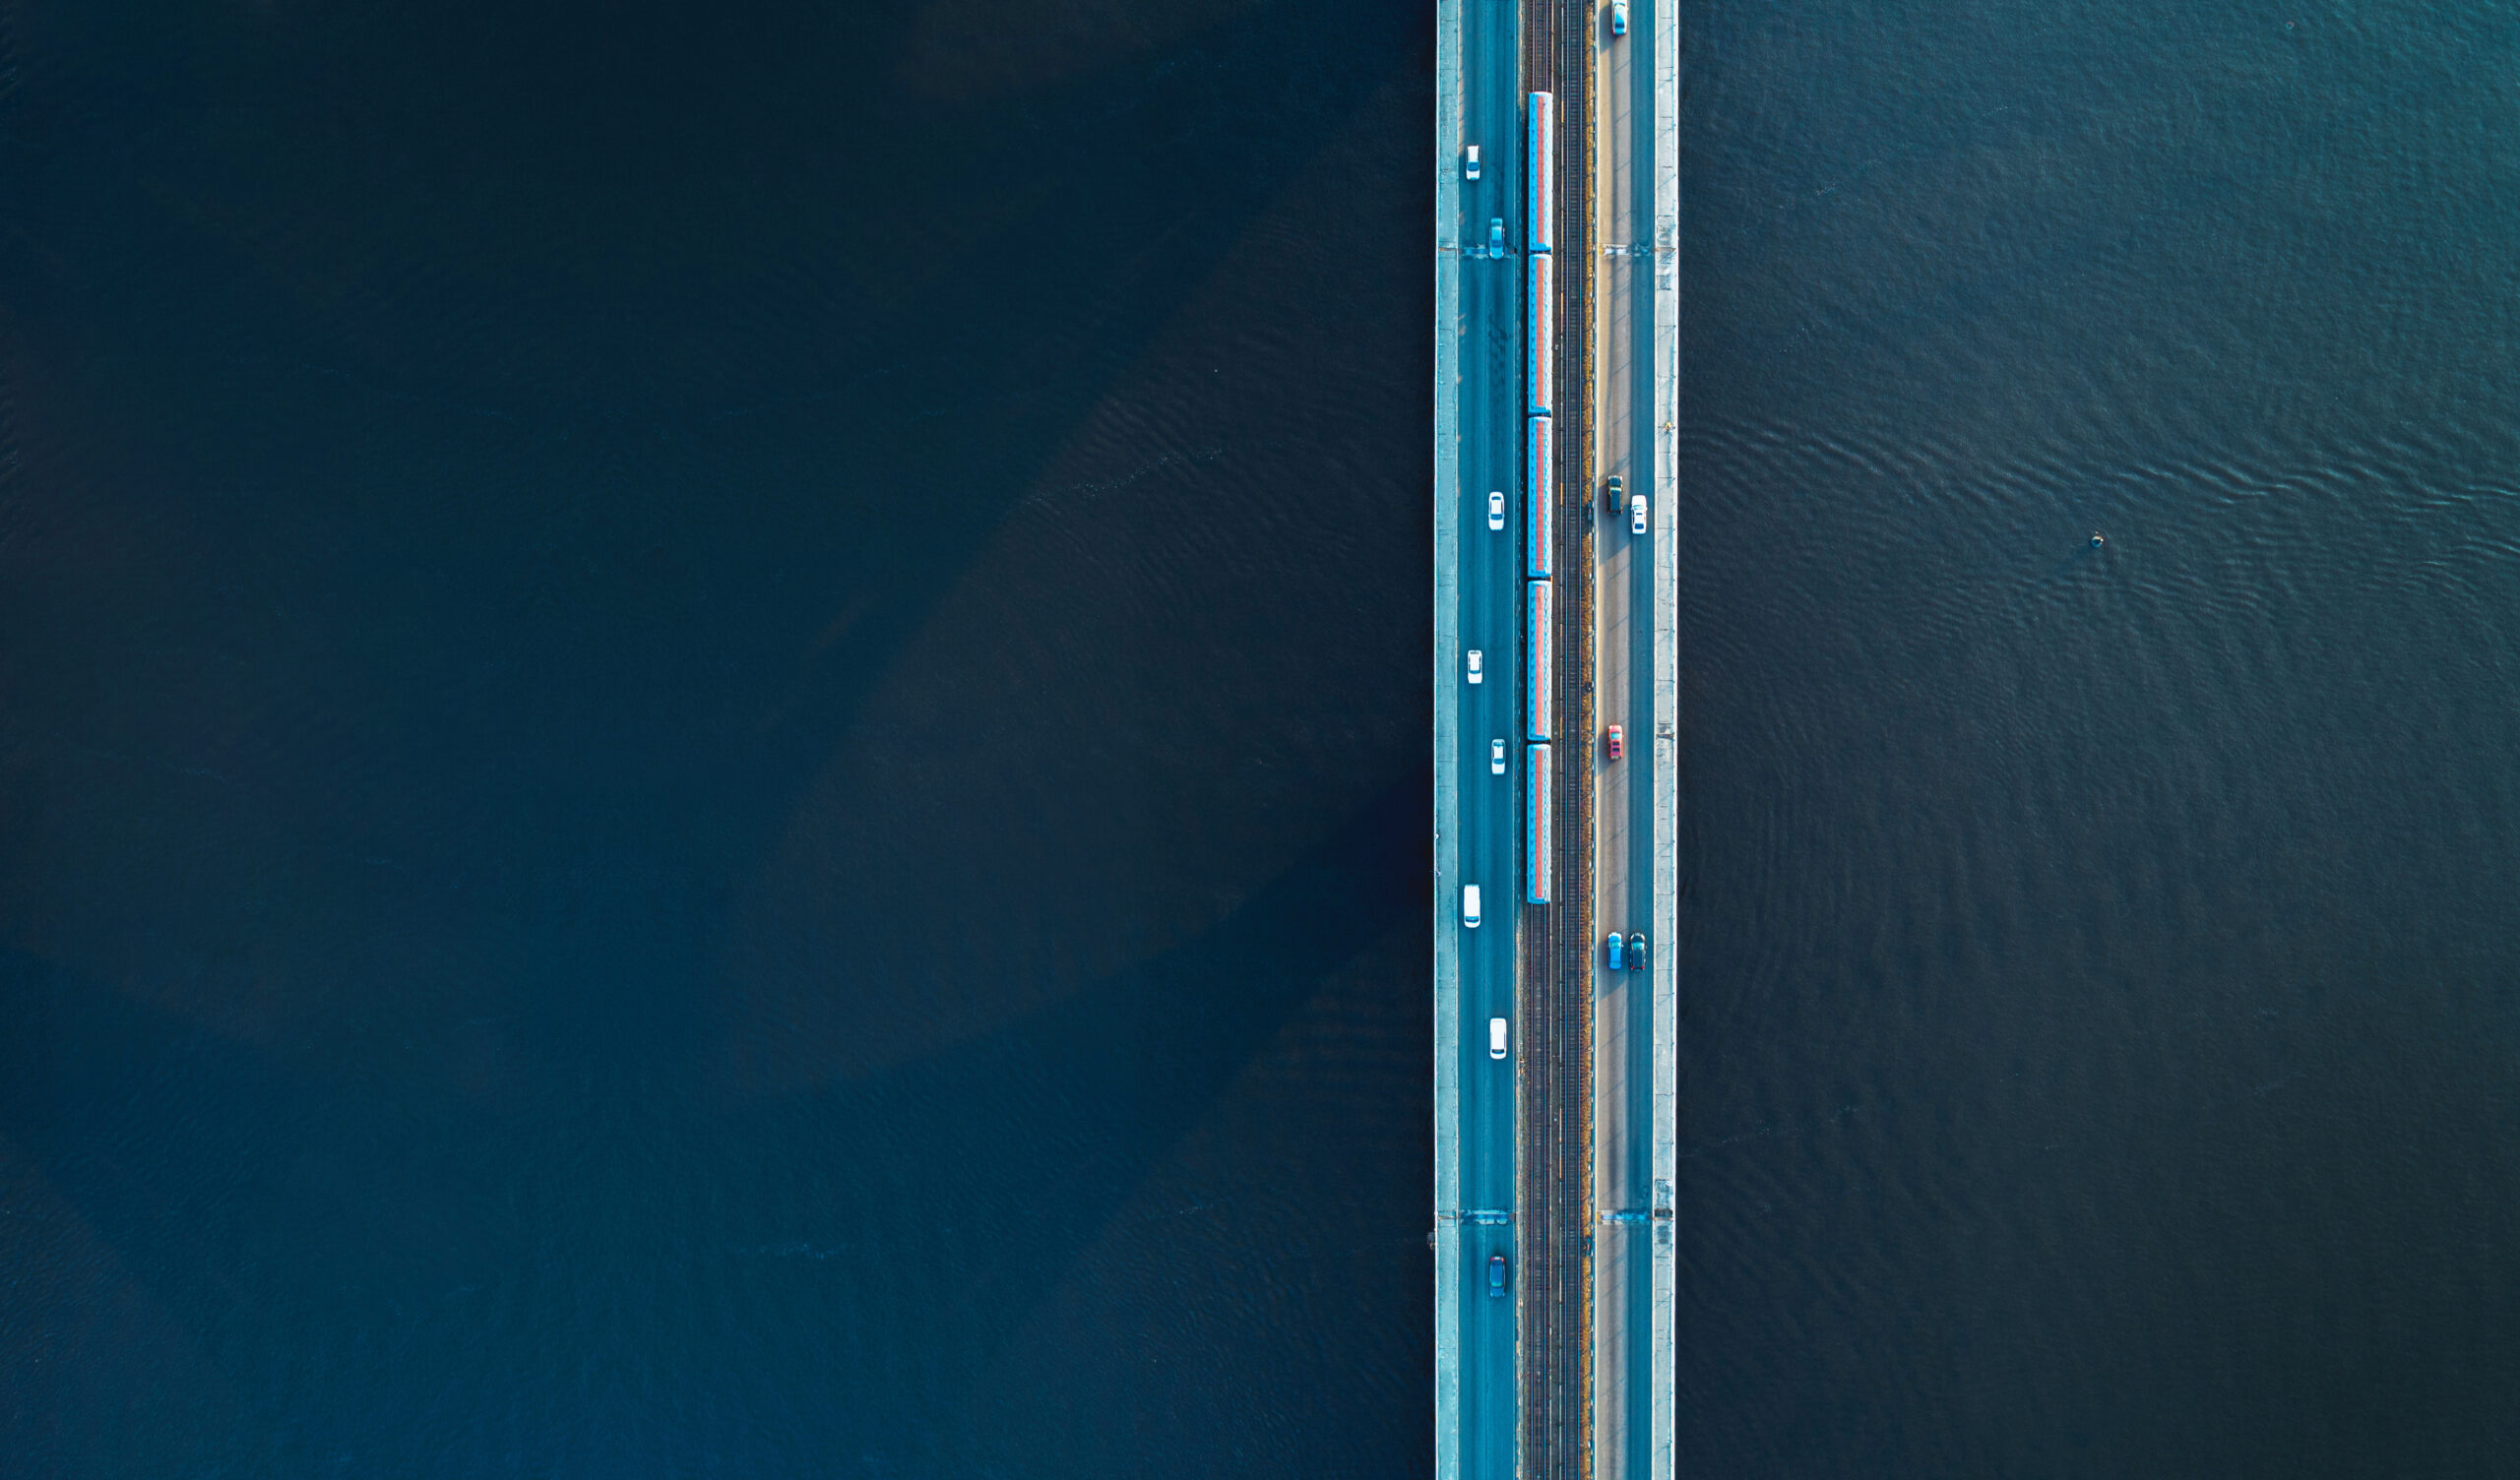 digitalsalt - Ihre Beratung für Integrated Logistics Support